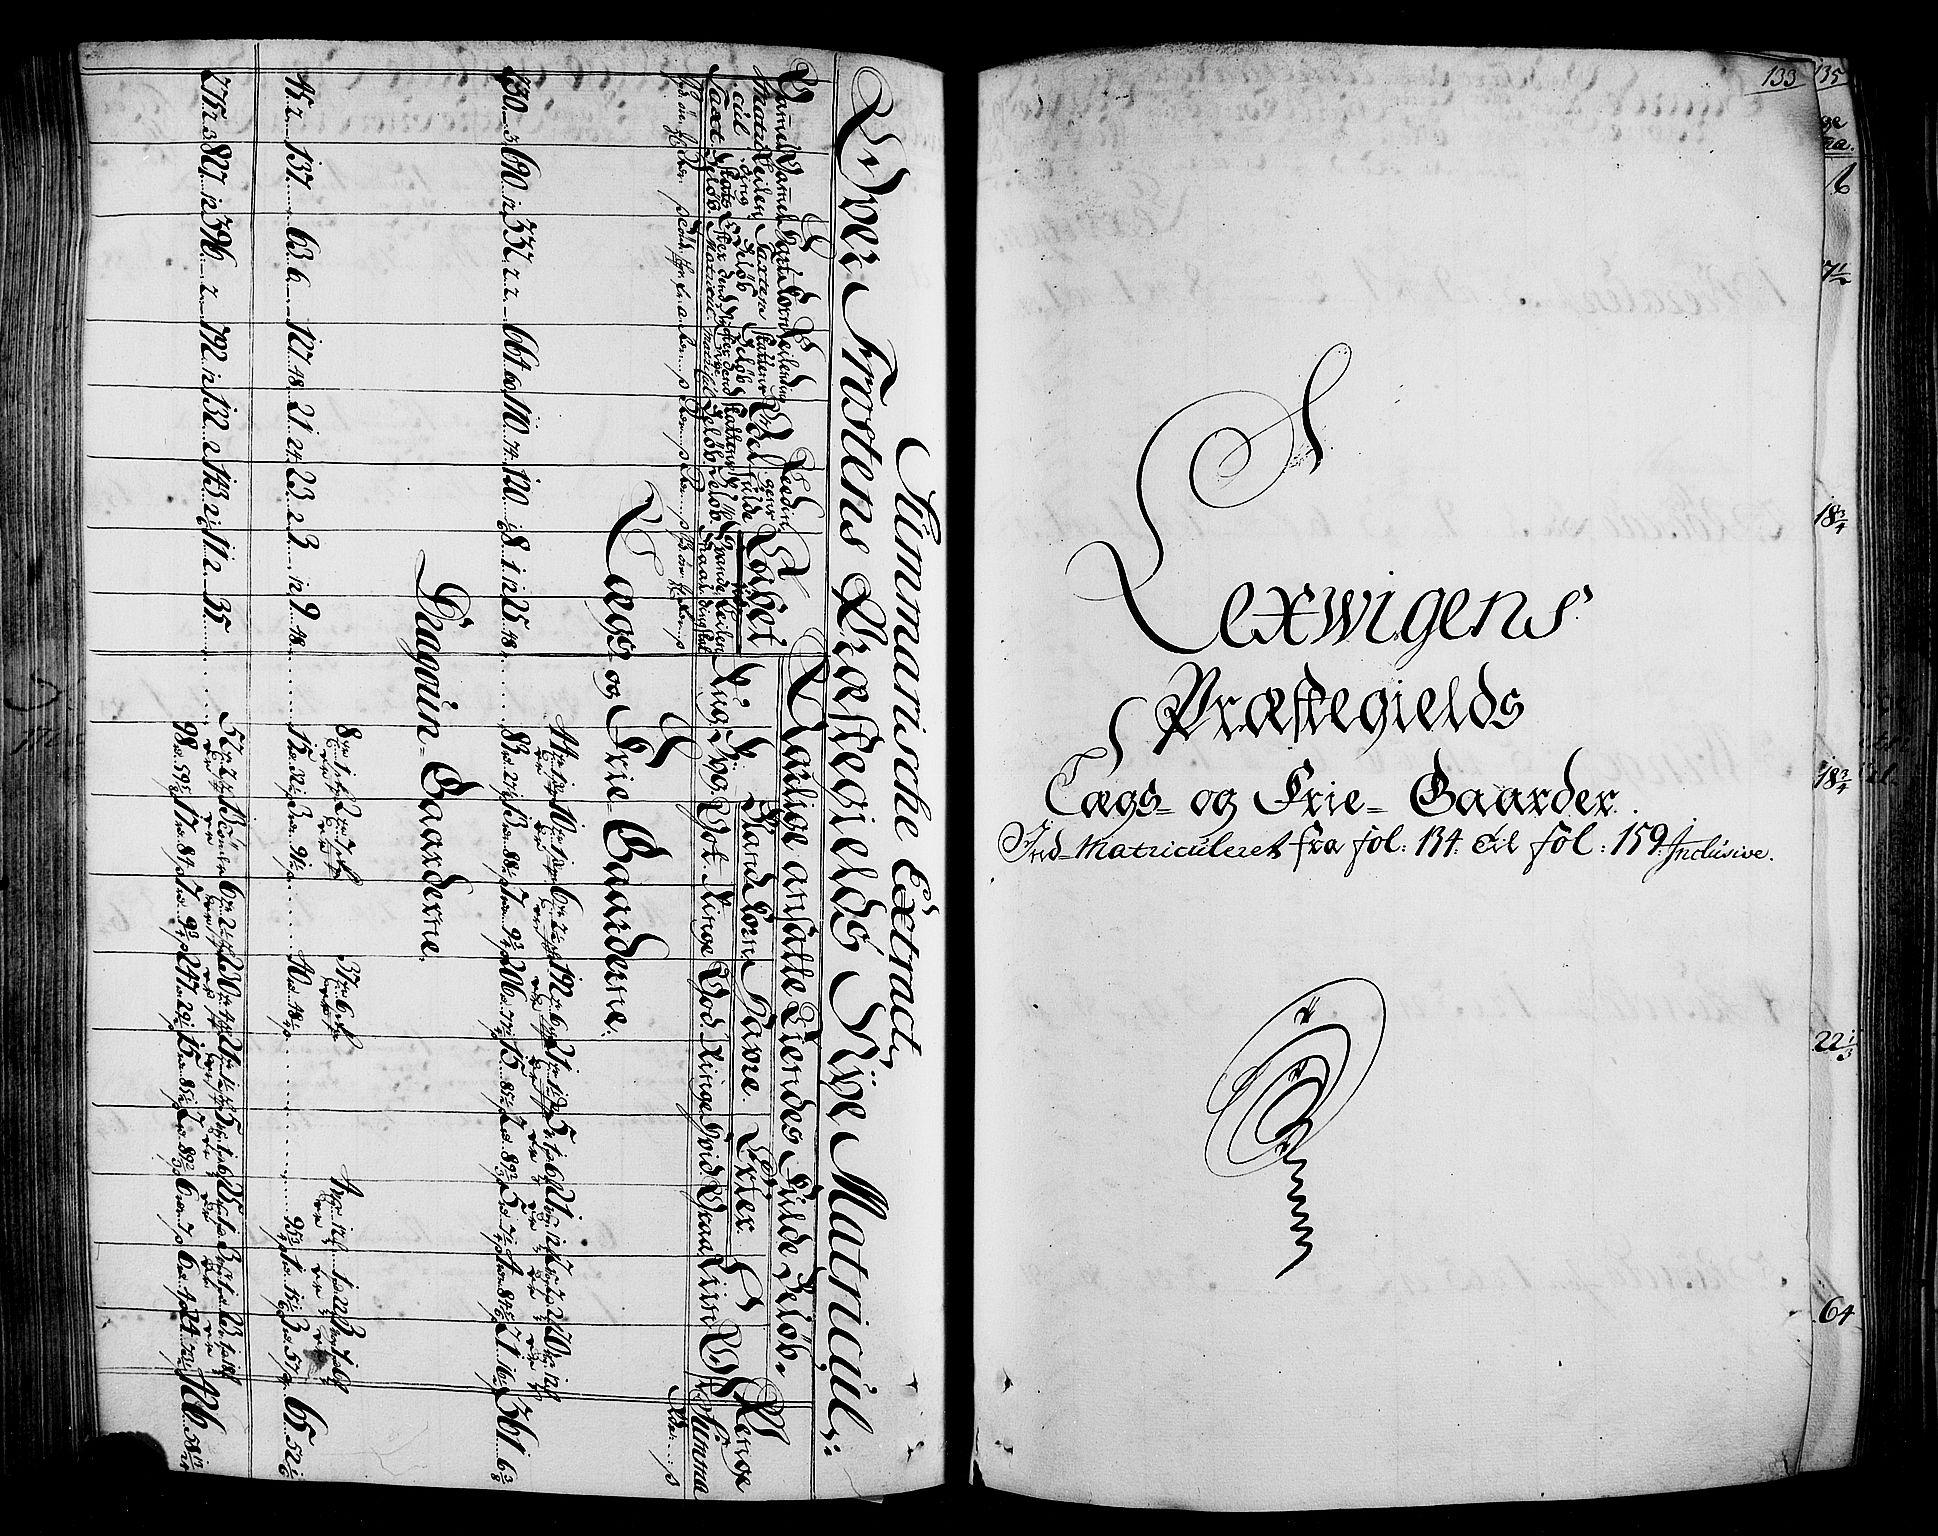 RA, Rentekammeret inntil 1814, Realistisk ordnet avdeling, N/Nb/Nbf/L0165: Stjørdal og Verdal matrikkelprotokoll, 1723, s. 132b-133a